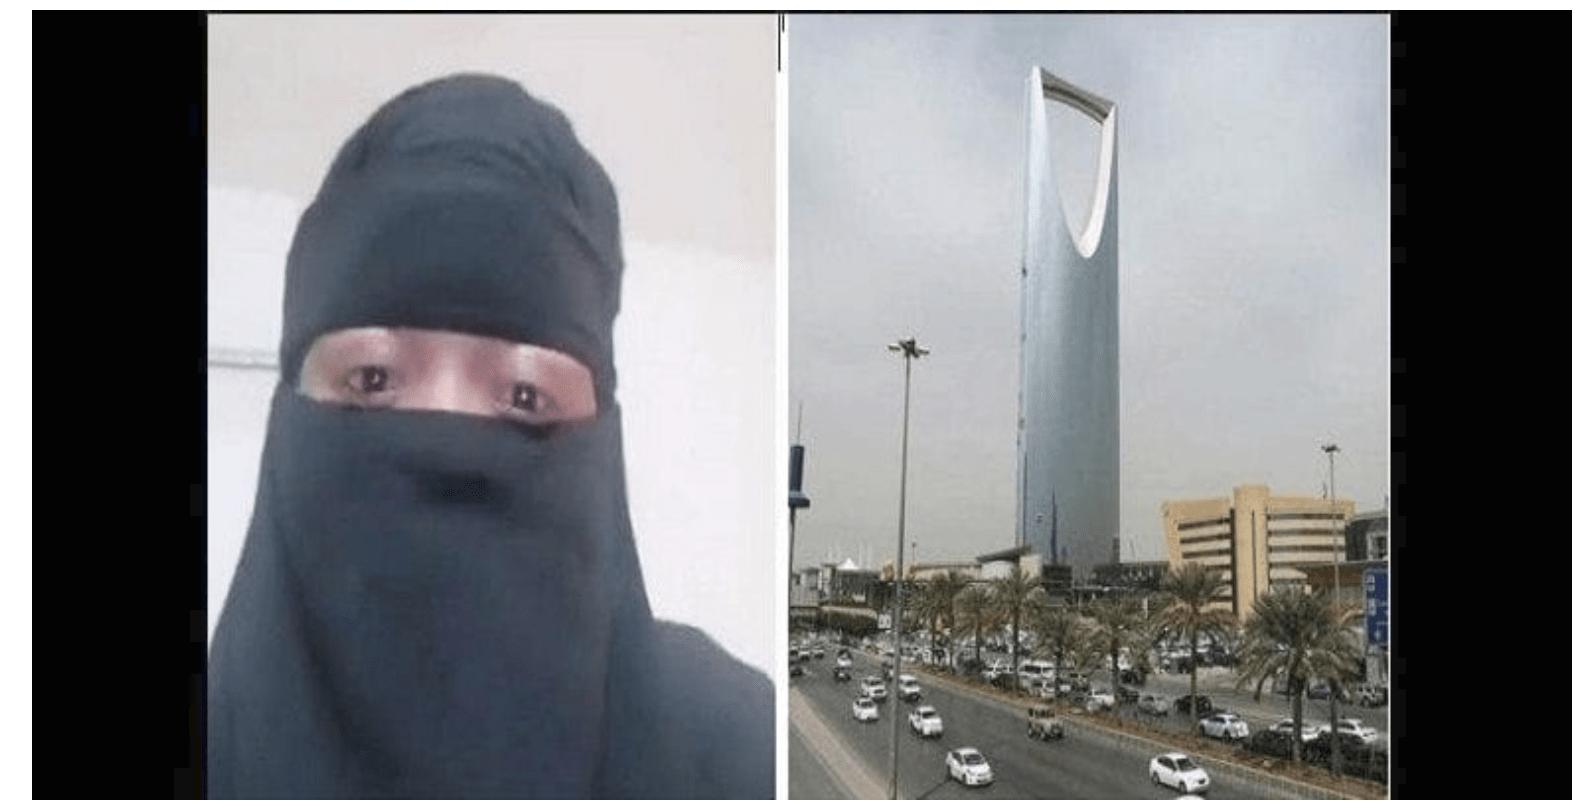 Arabie Saoudite : des nigérianes bloquées dans le pays crient à l'aide (vidéo)